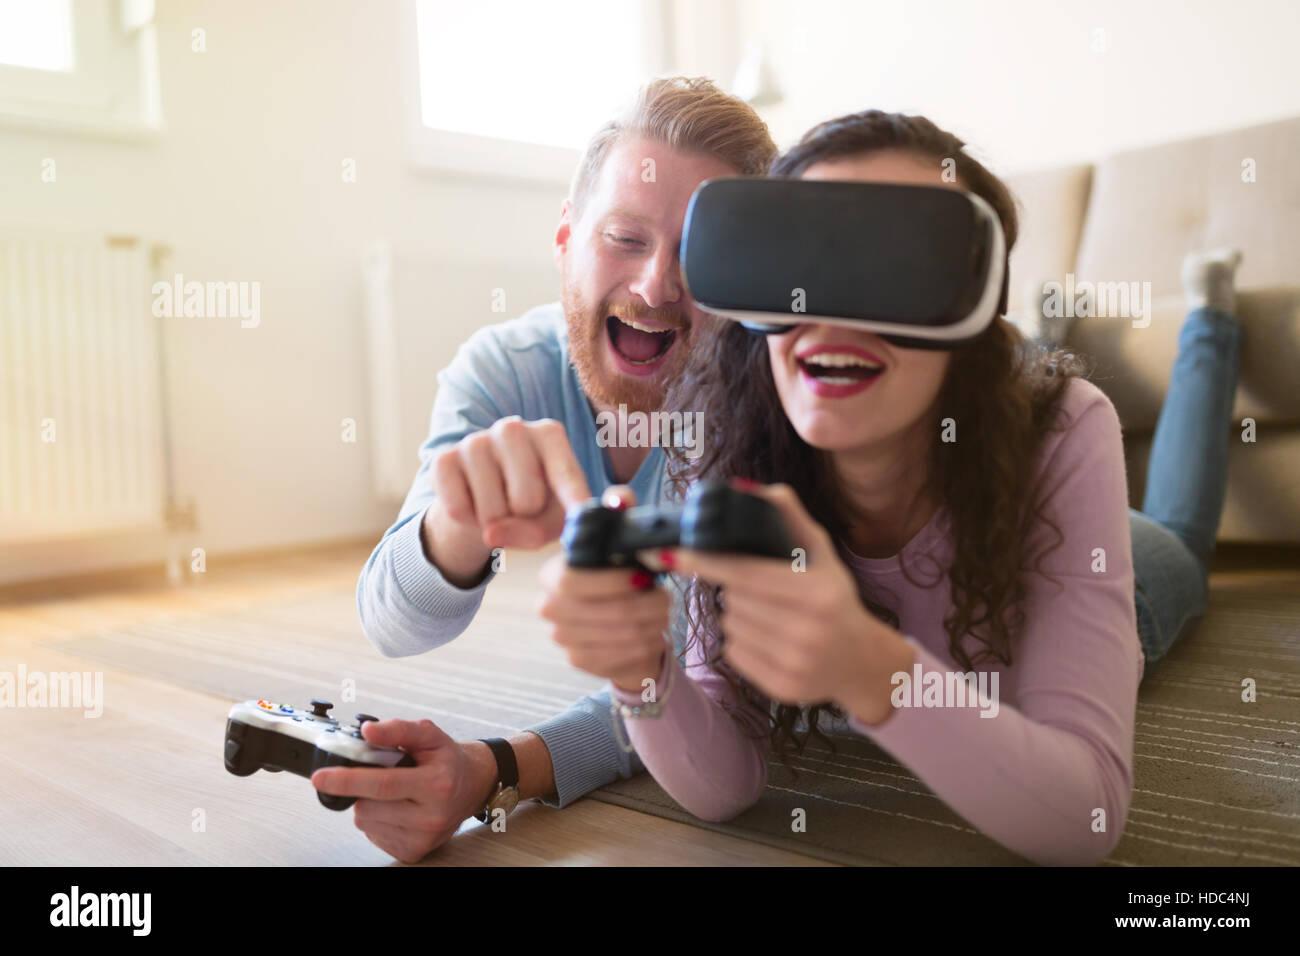 Par divertirse disfrutando de VR y juegos. Imagen De Stock